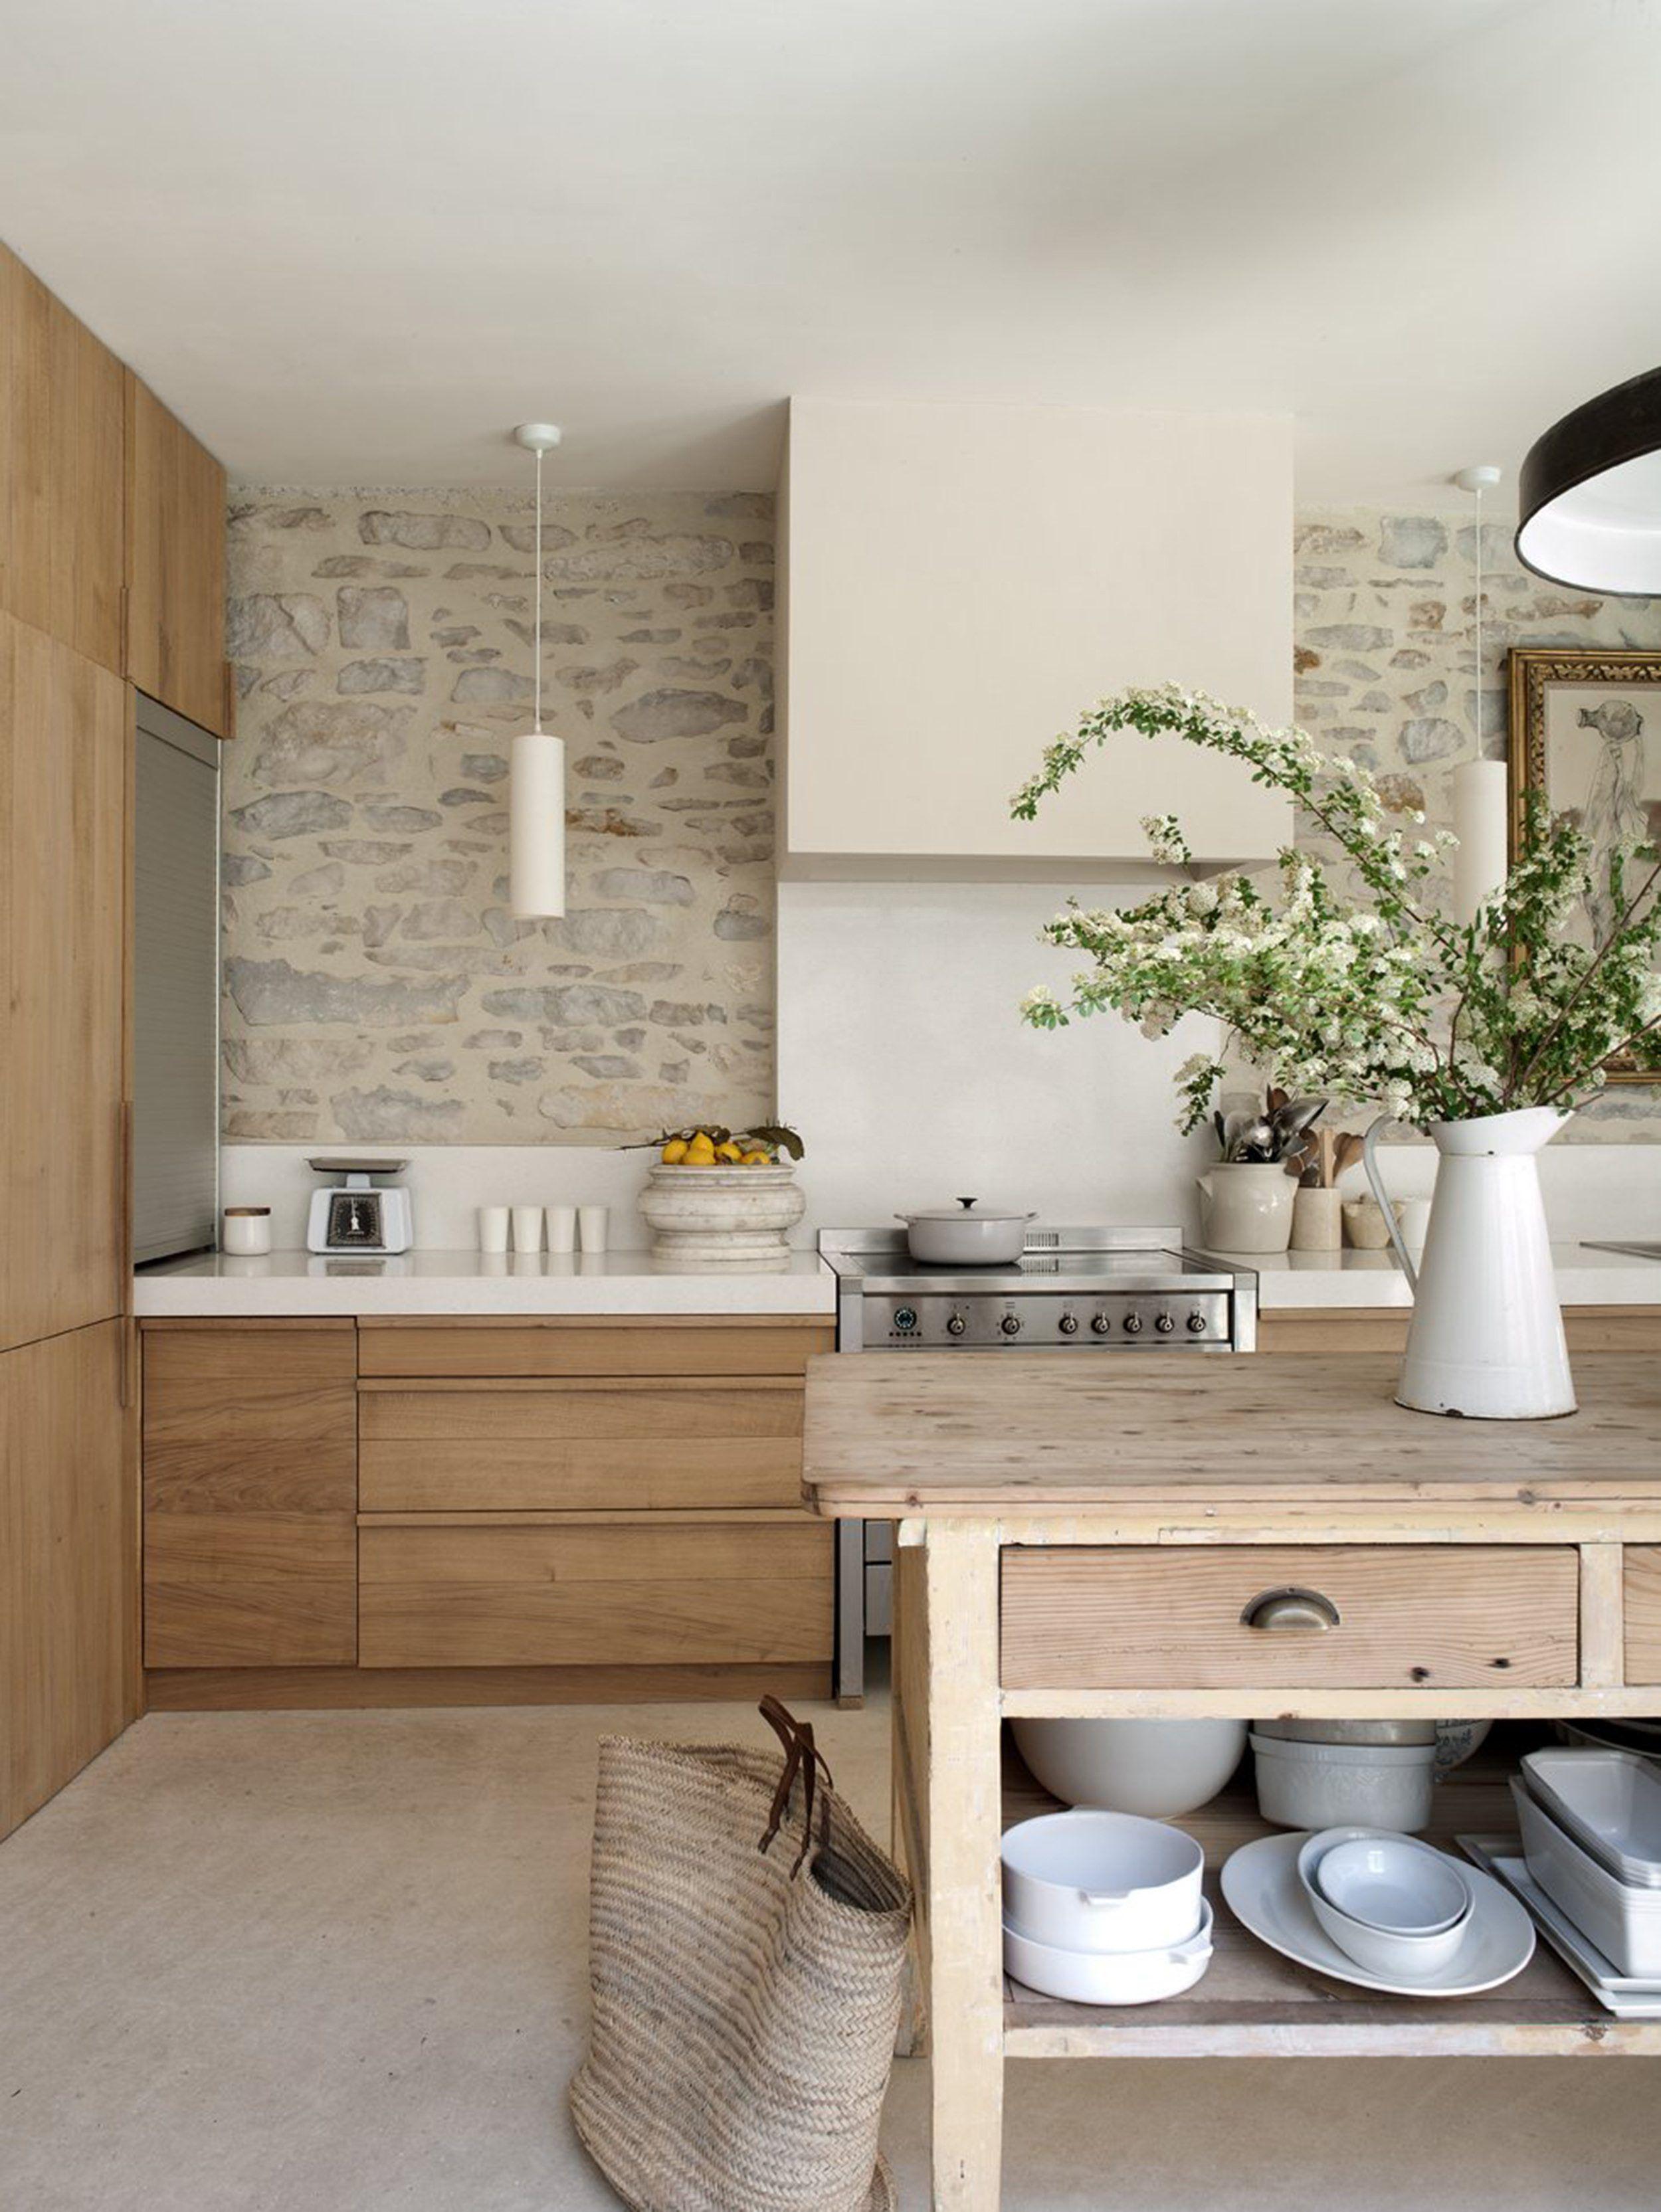 Is No Hardware The New Hardware Trend For Kitchens Interior Design Kitchen Home Decor Kitchen Kitchen Interior